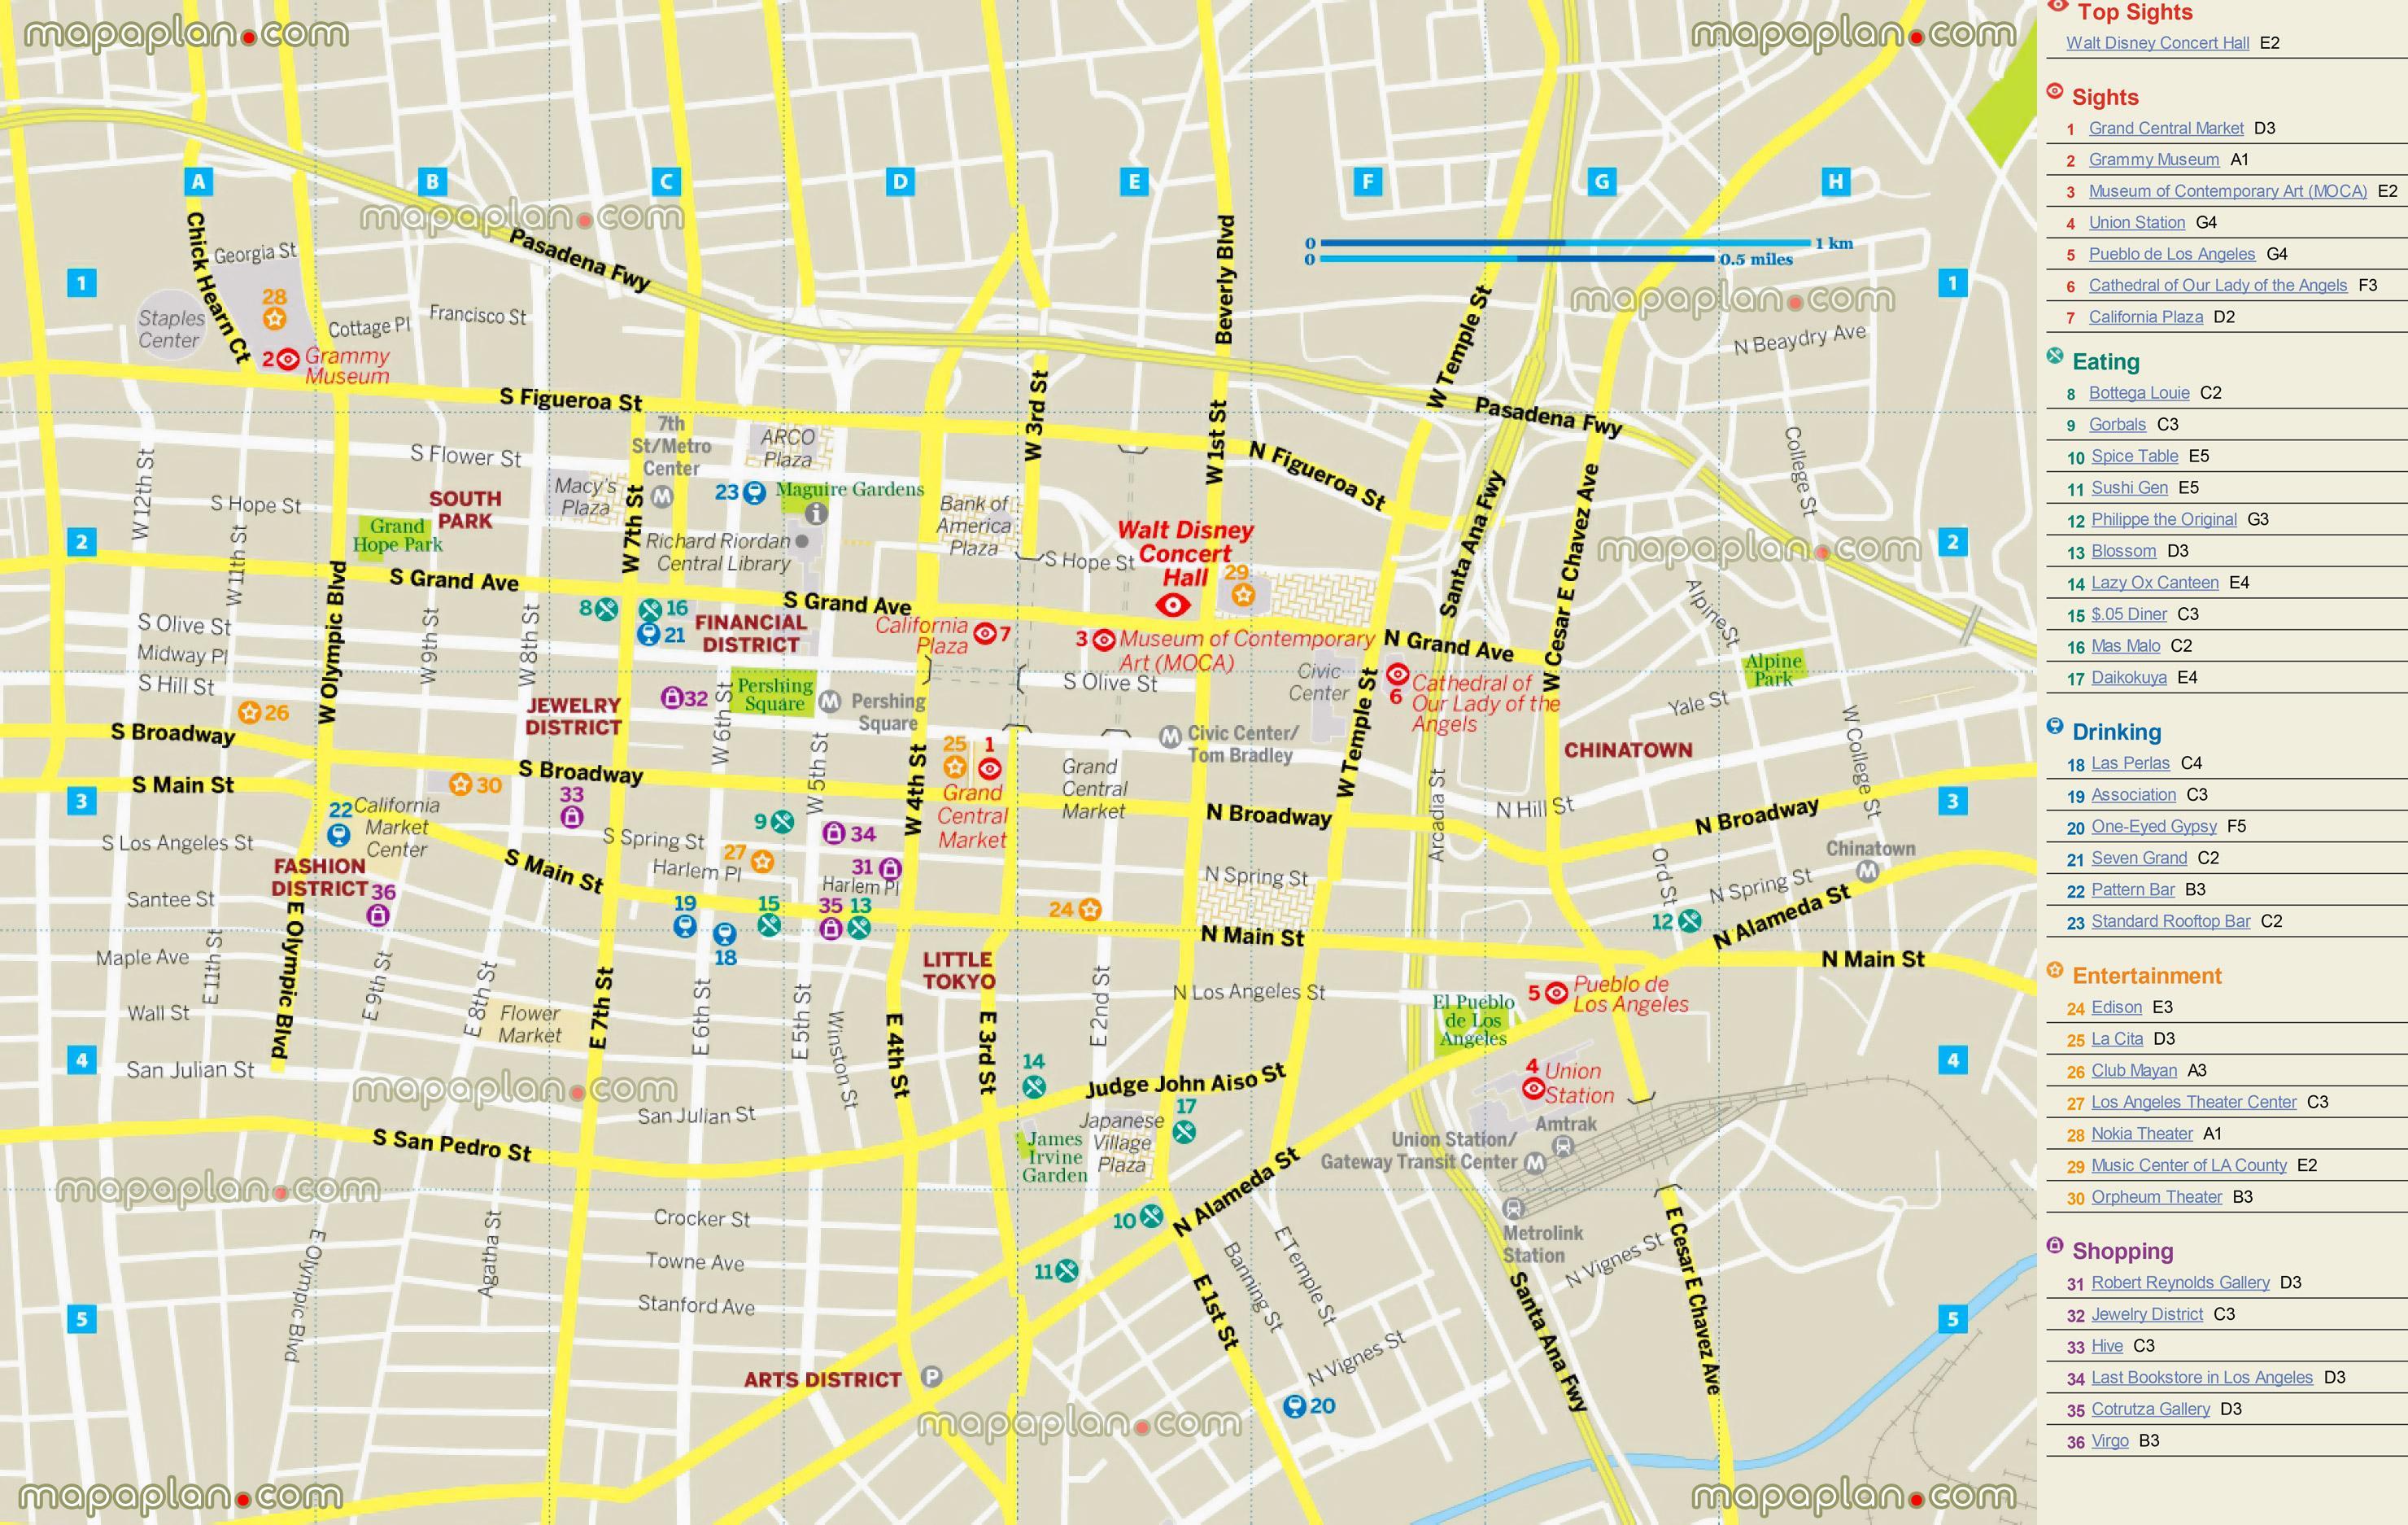 Restaurang Karta Los Angeles Karta Av Restaurang Karta Los